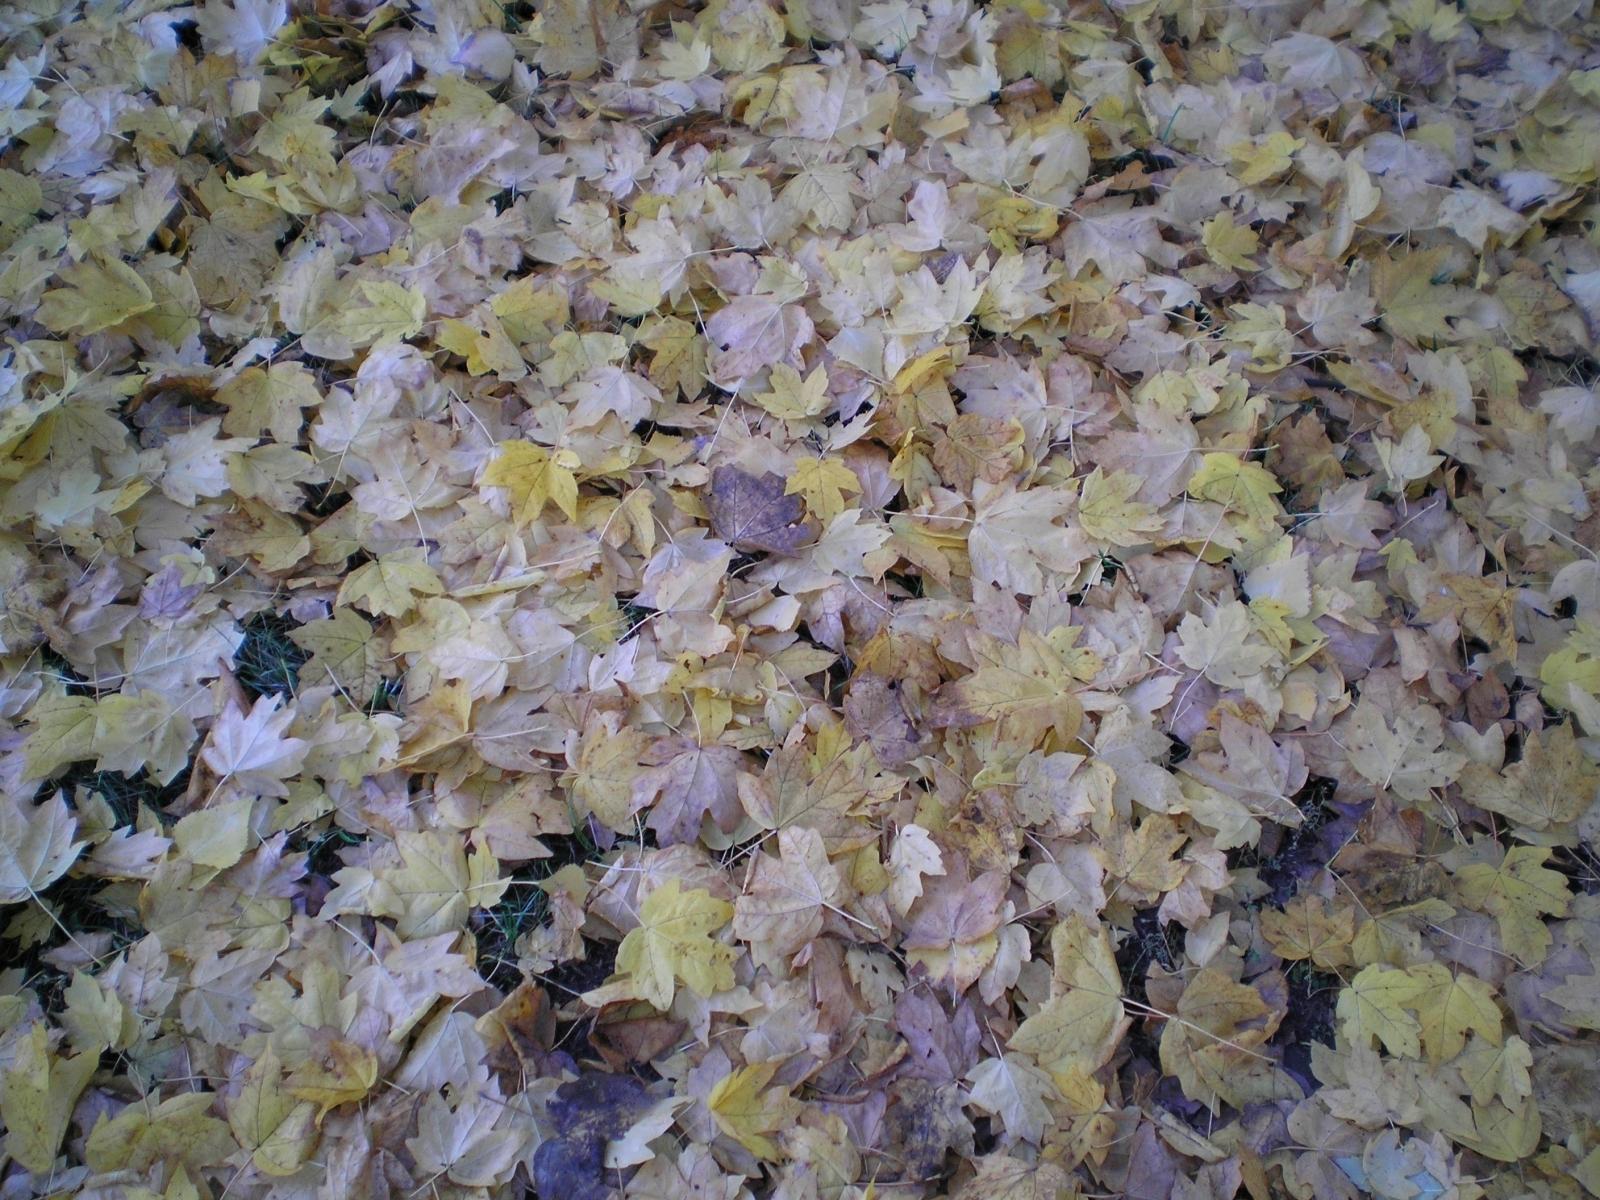 Скачать картинку Осень, Листья, Фон, Растения в телефон бесплатно.